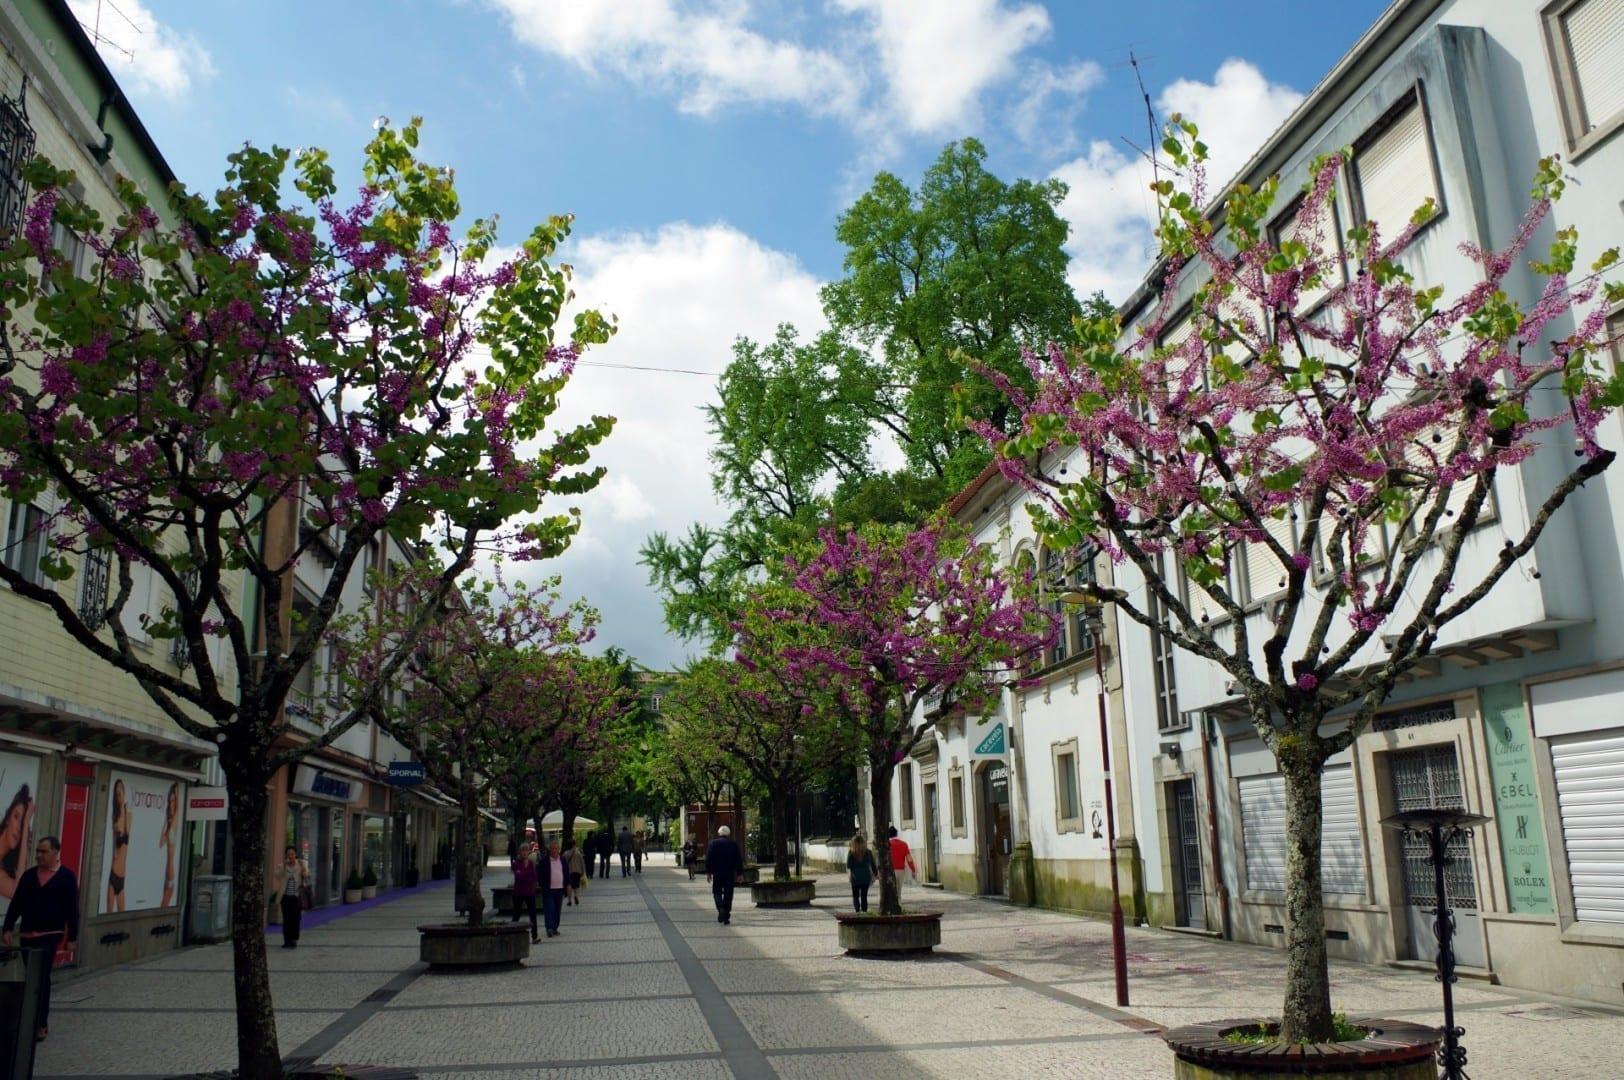 Una calle en Braga Braga Portugal